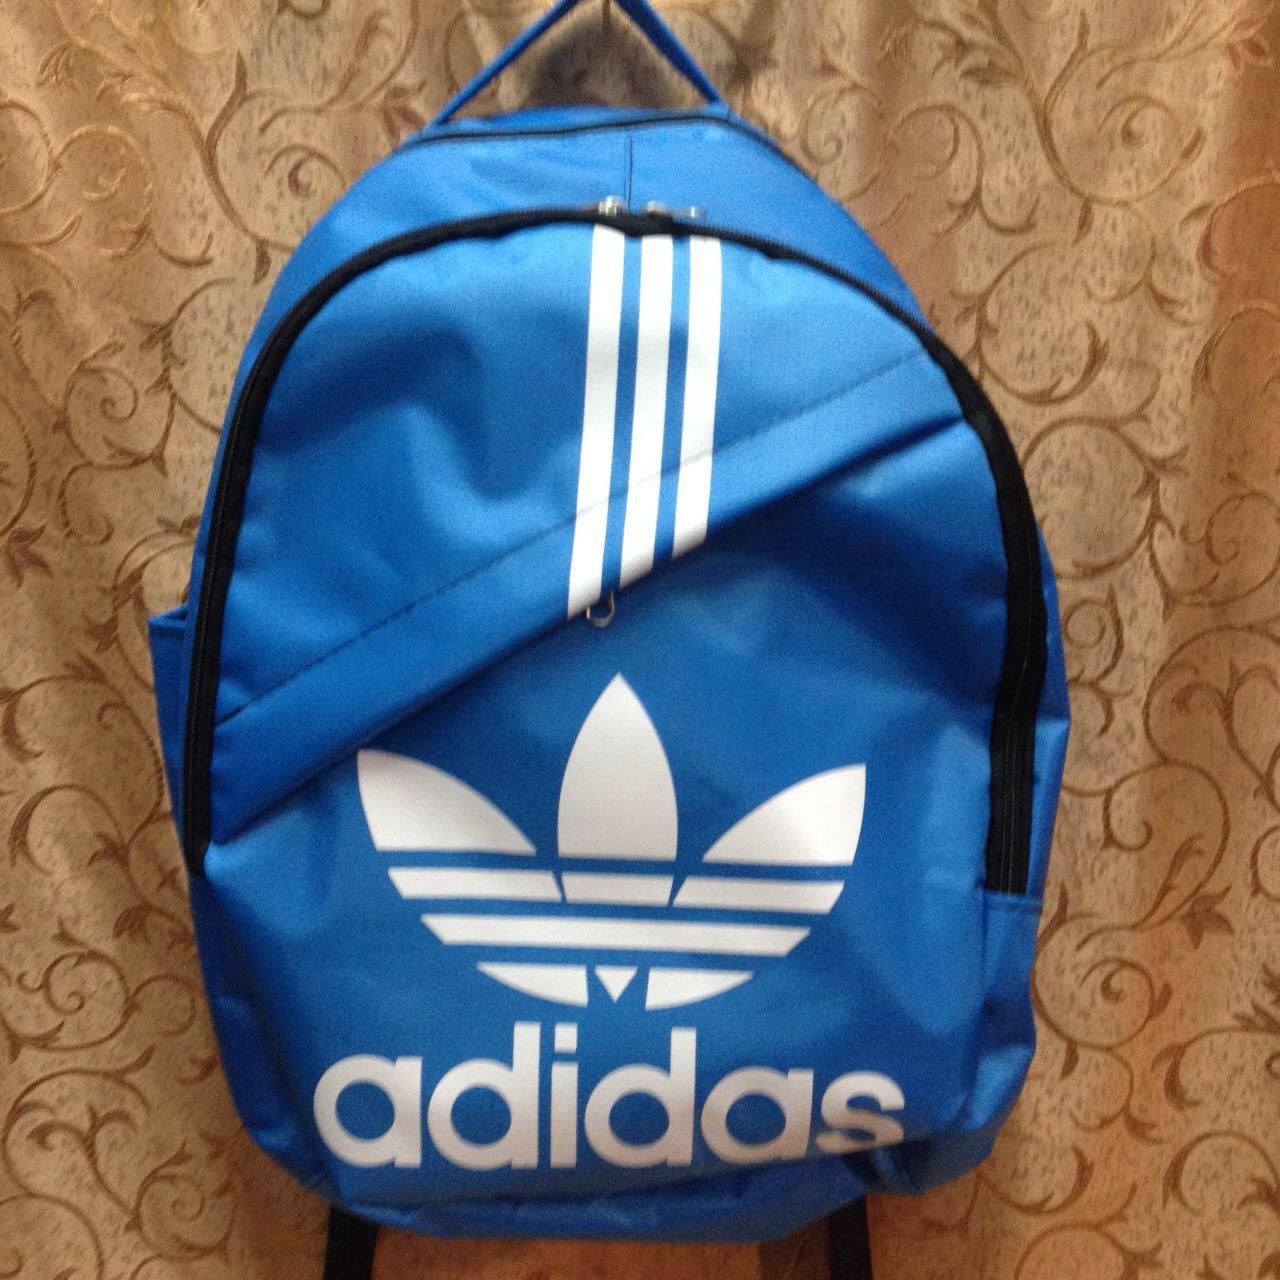 e51bfb98bd4f Спорт Рюкзак adidas рюкзаки туристические Спортивные  продажа, цена в  Харькове. рюкзаки городские и спортивные от